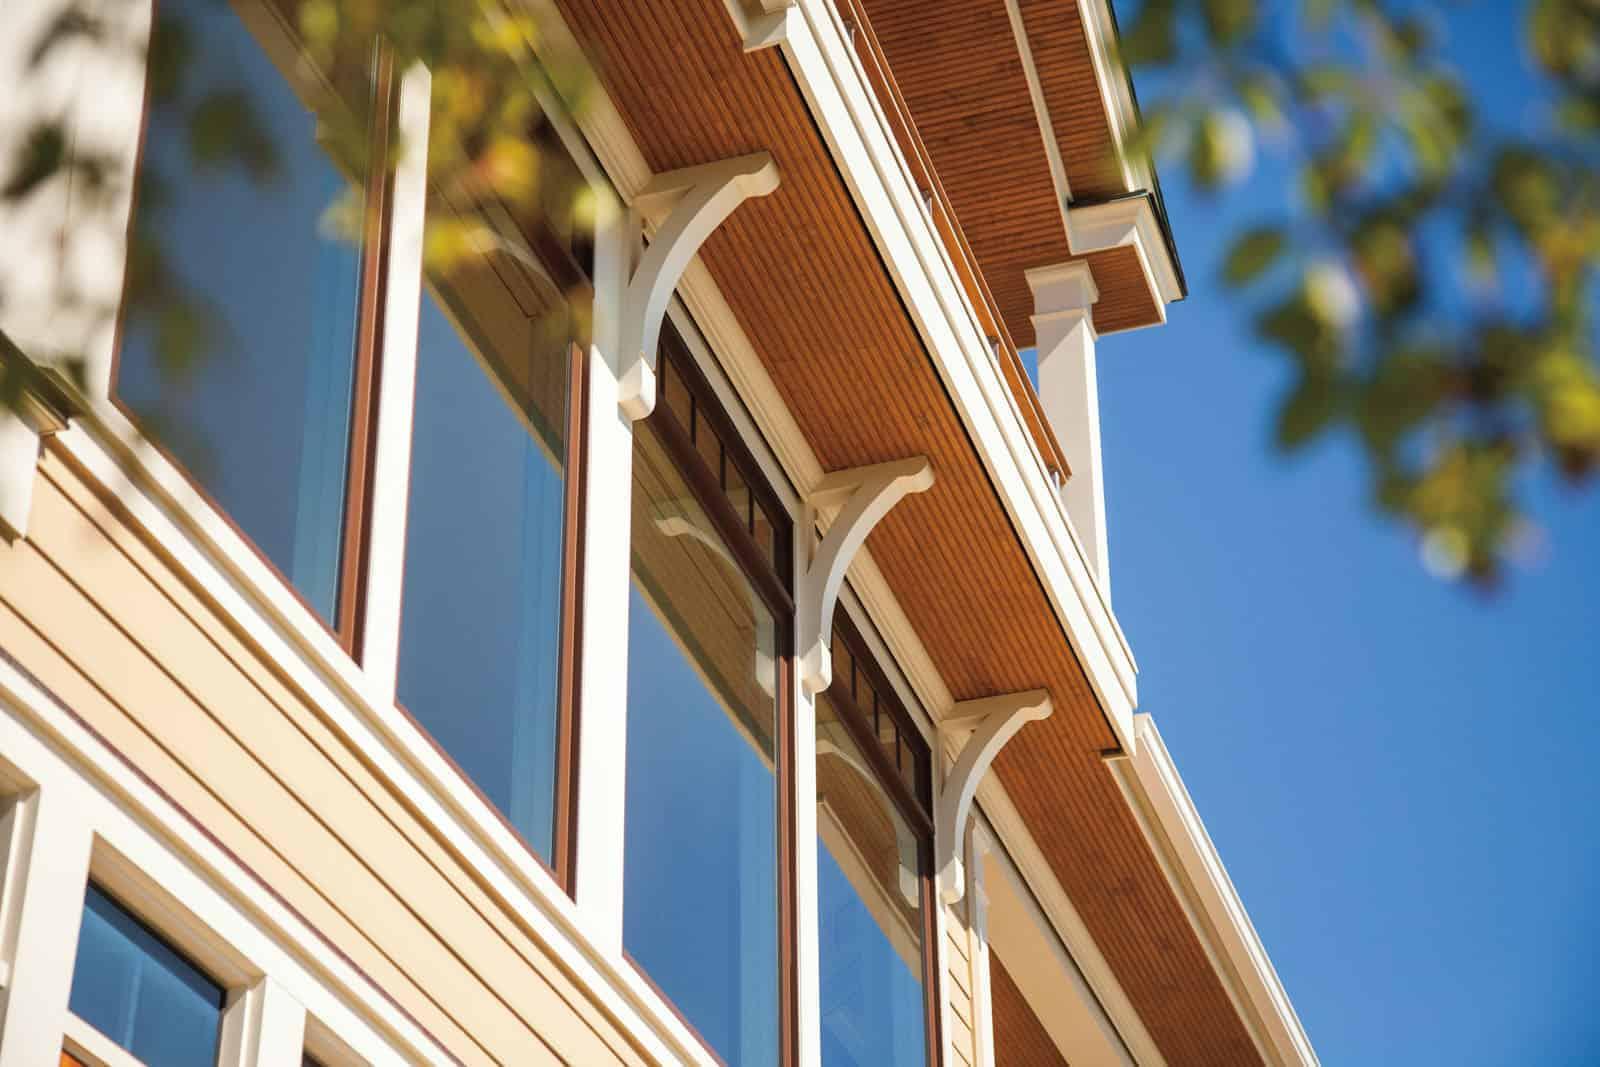 Row of wood clad windows on Utah home